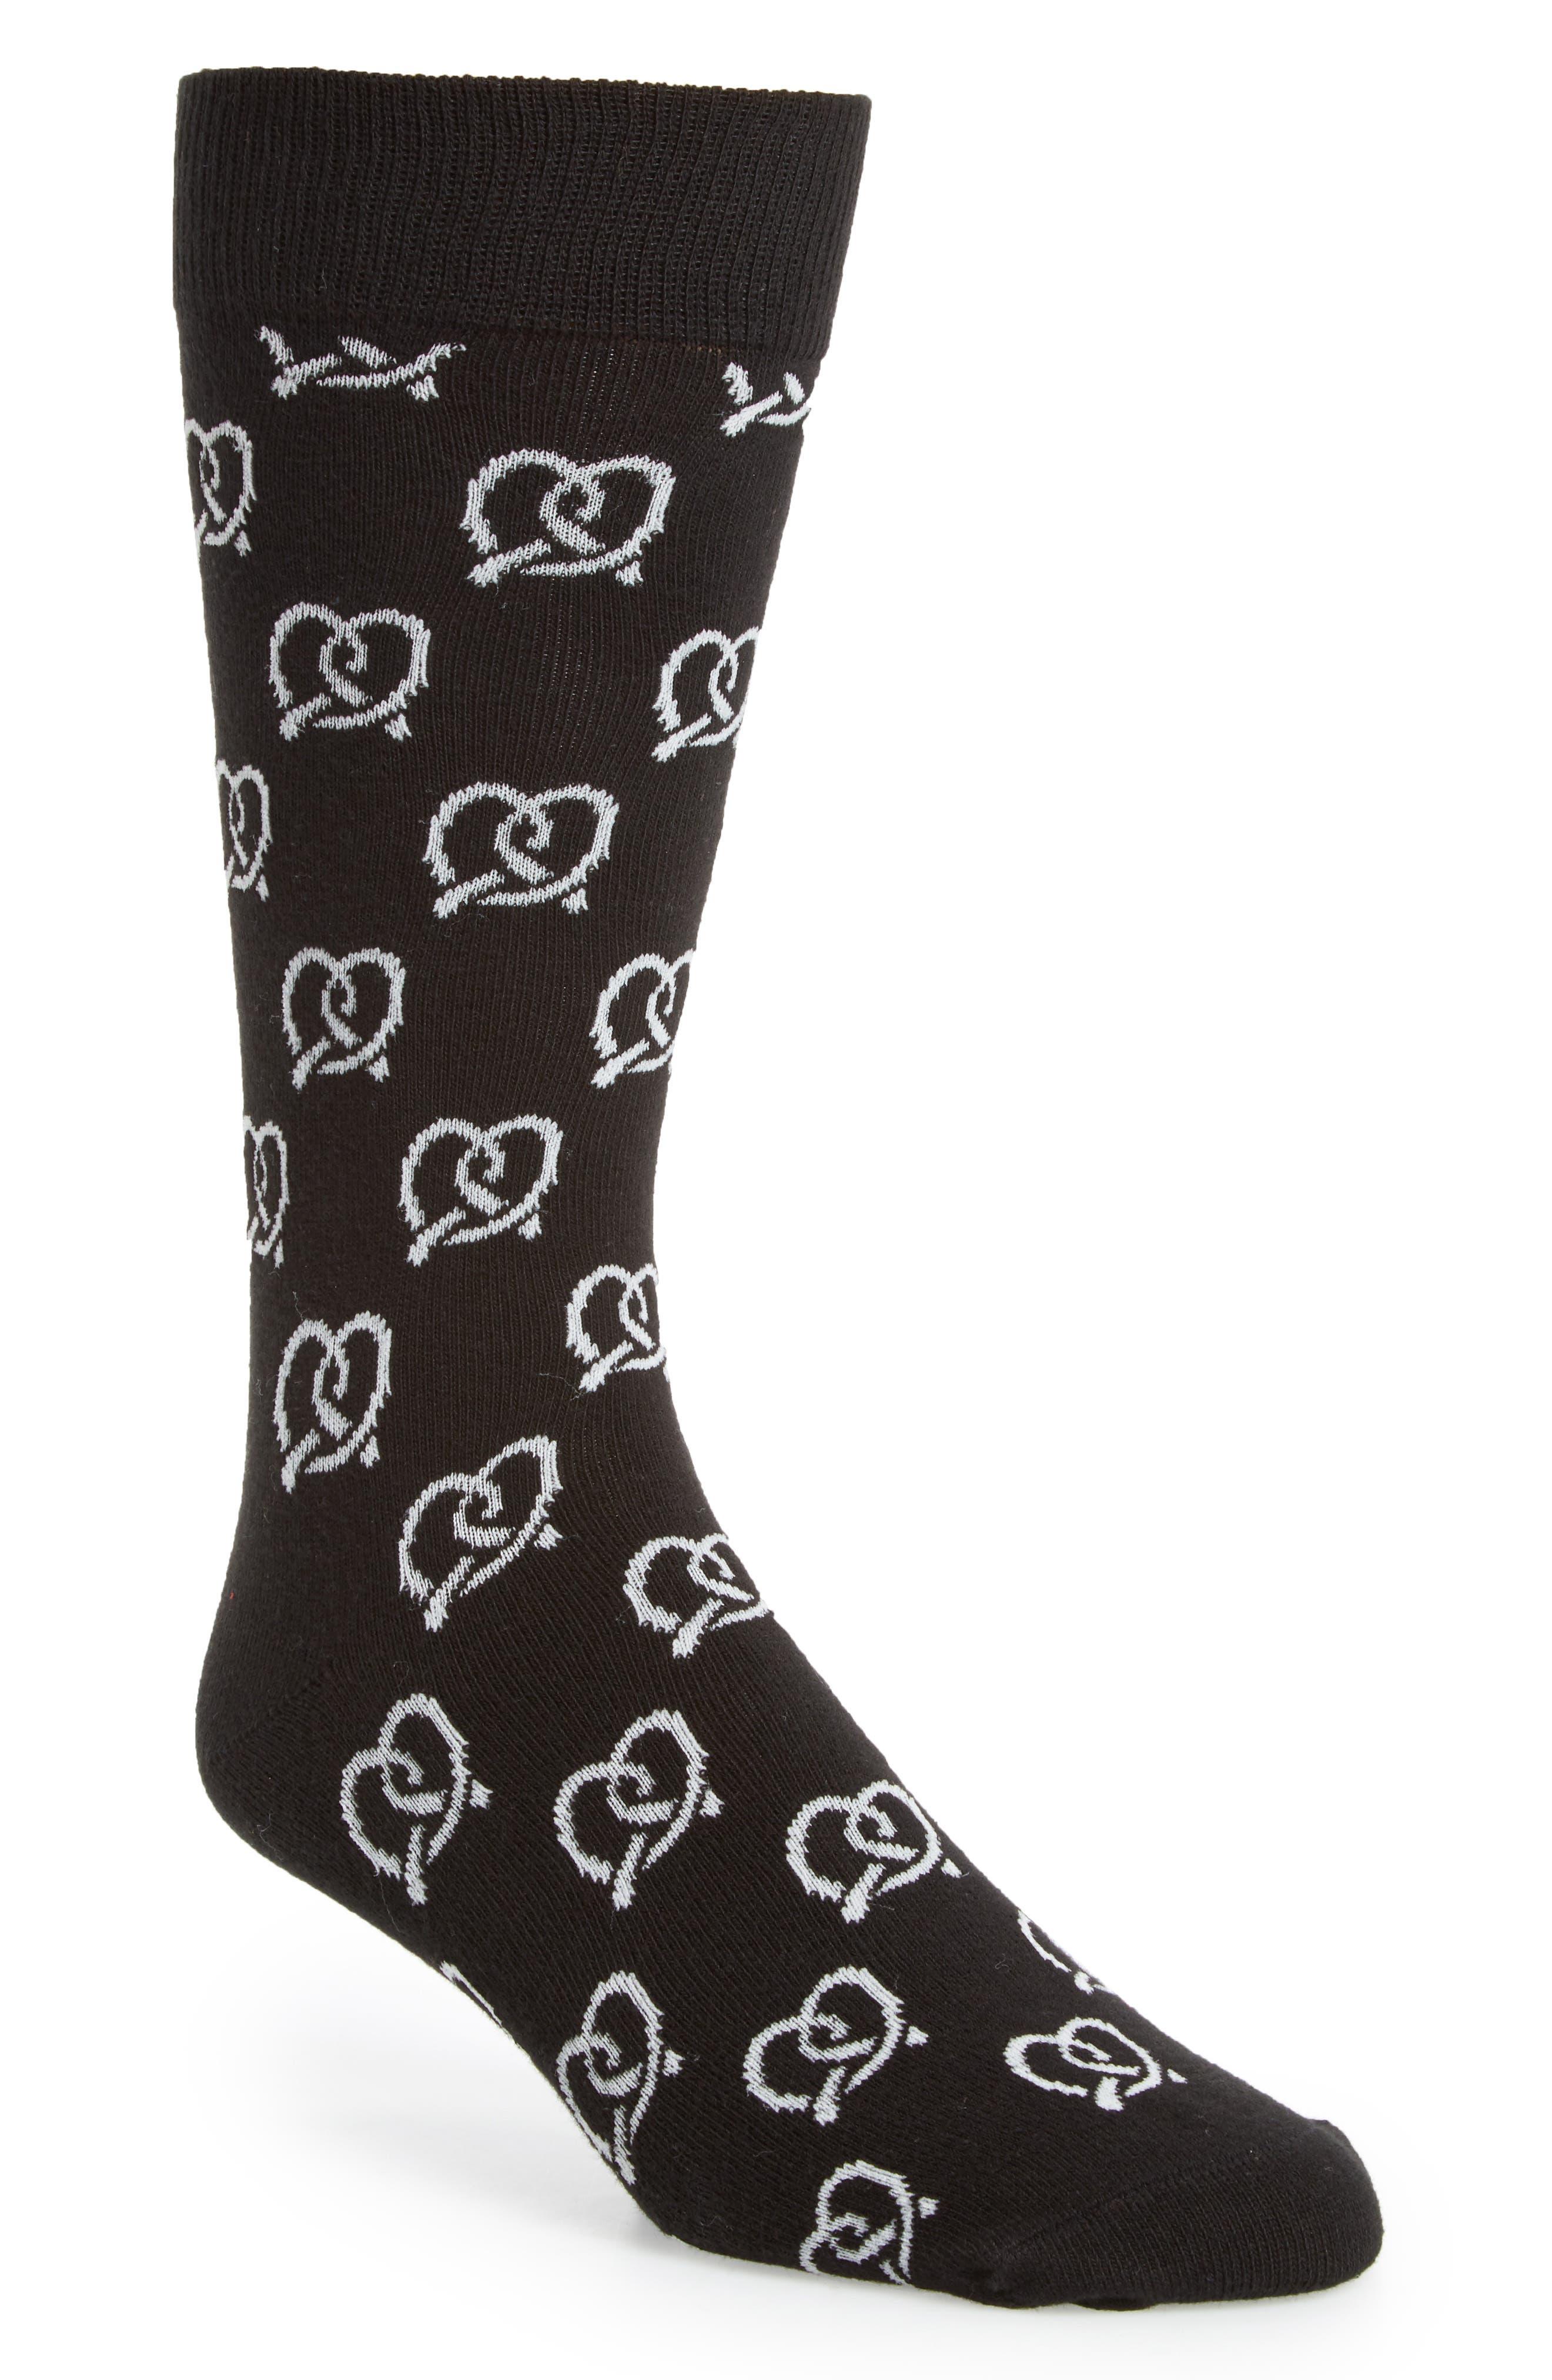 Happy Socks Pretzel Socks